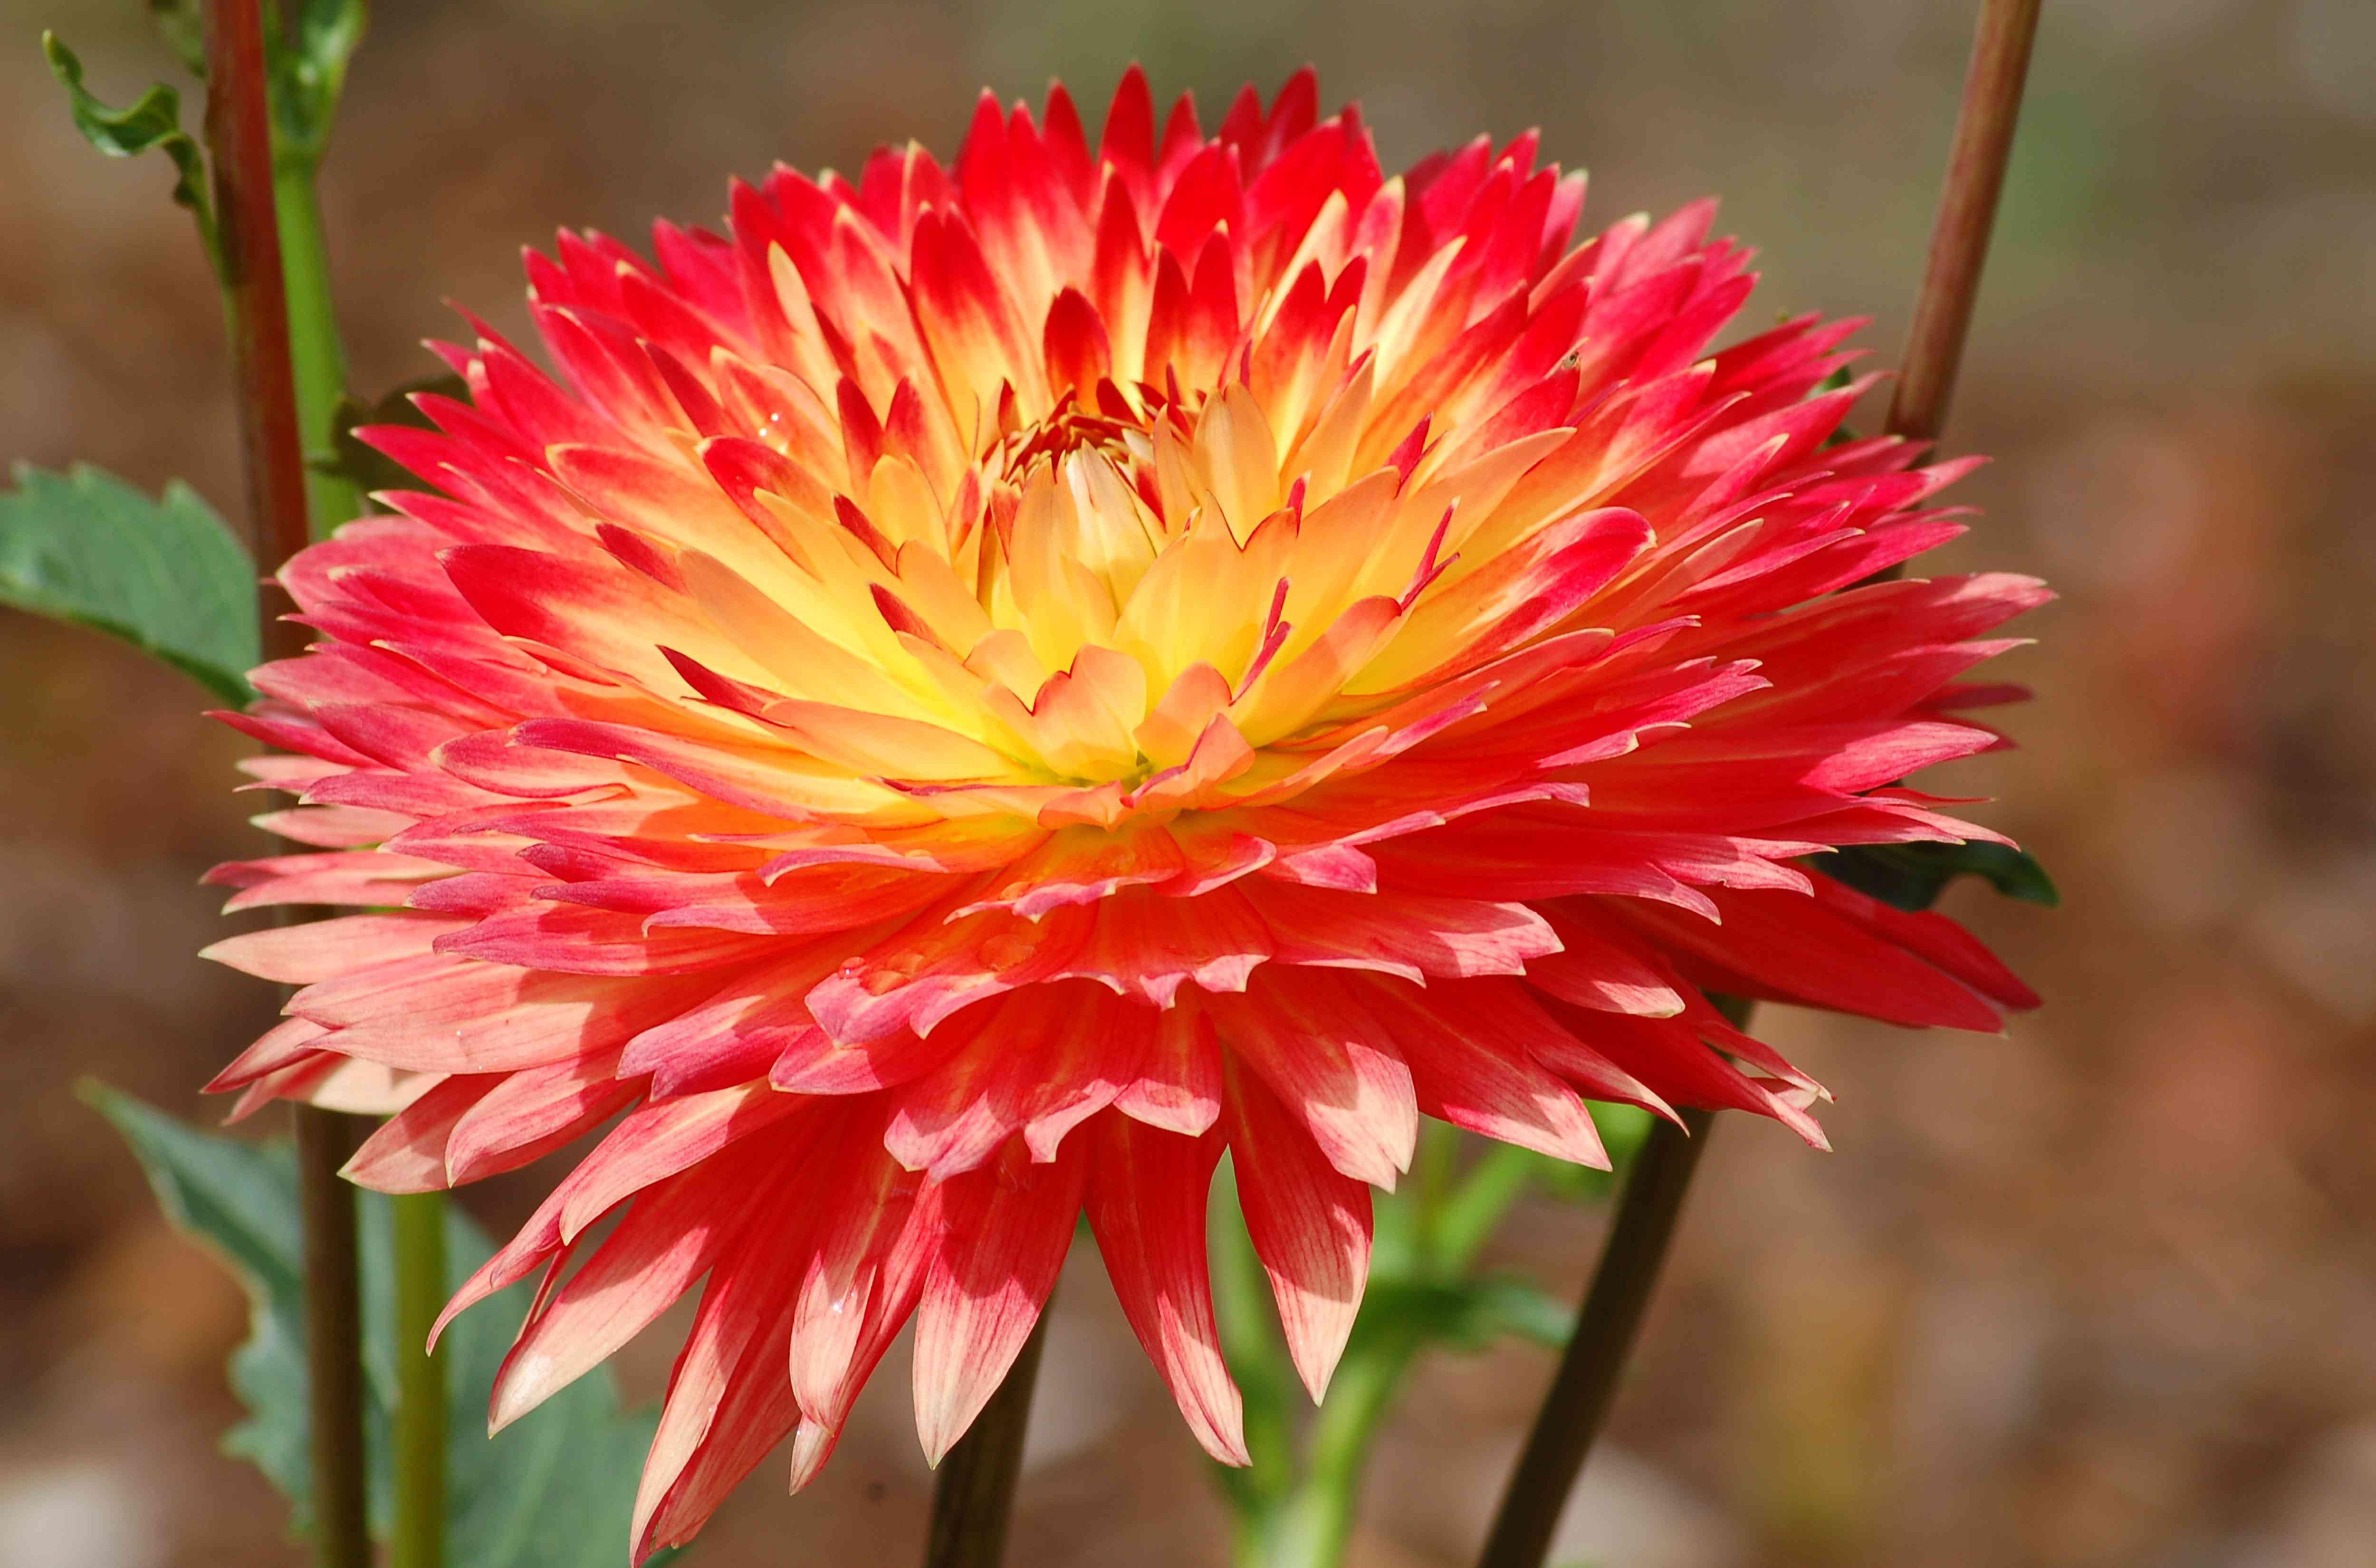 Bi-colored dahlia flower.